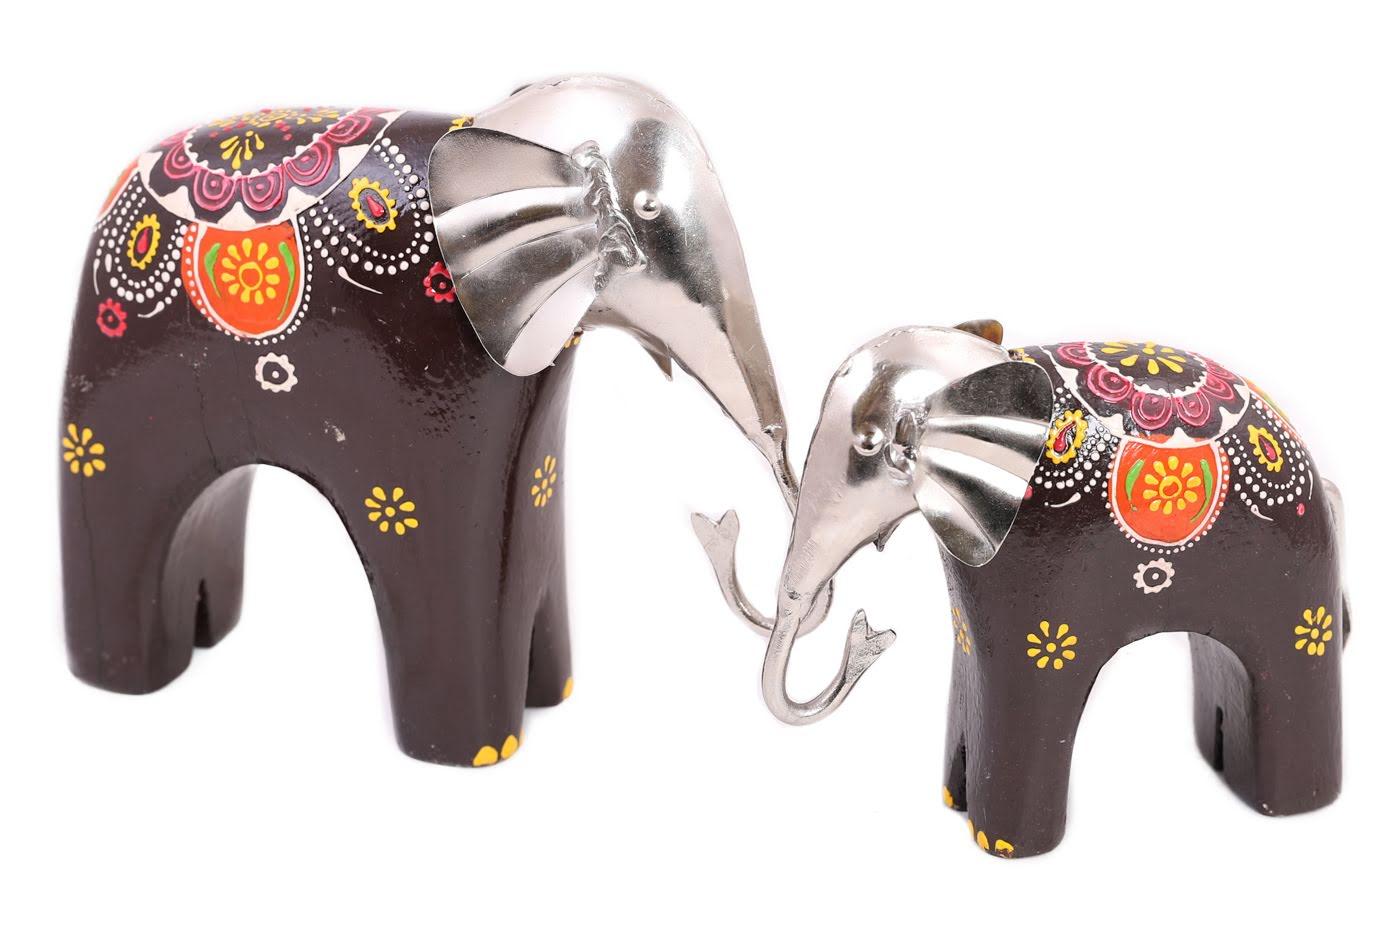 Фигурка Слоны Цвет: Бежевый, Мультиколор (5х12х15 см, 5х18х20 см) Ганг gng371198